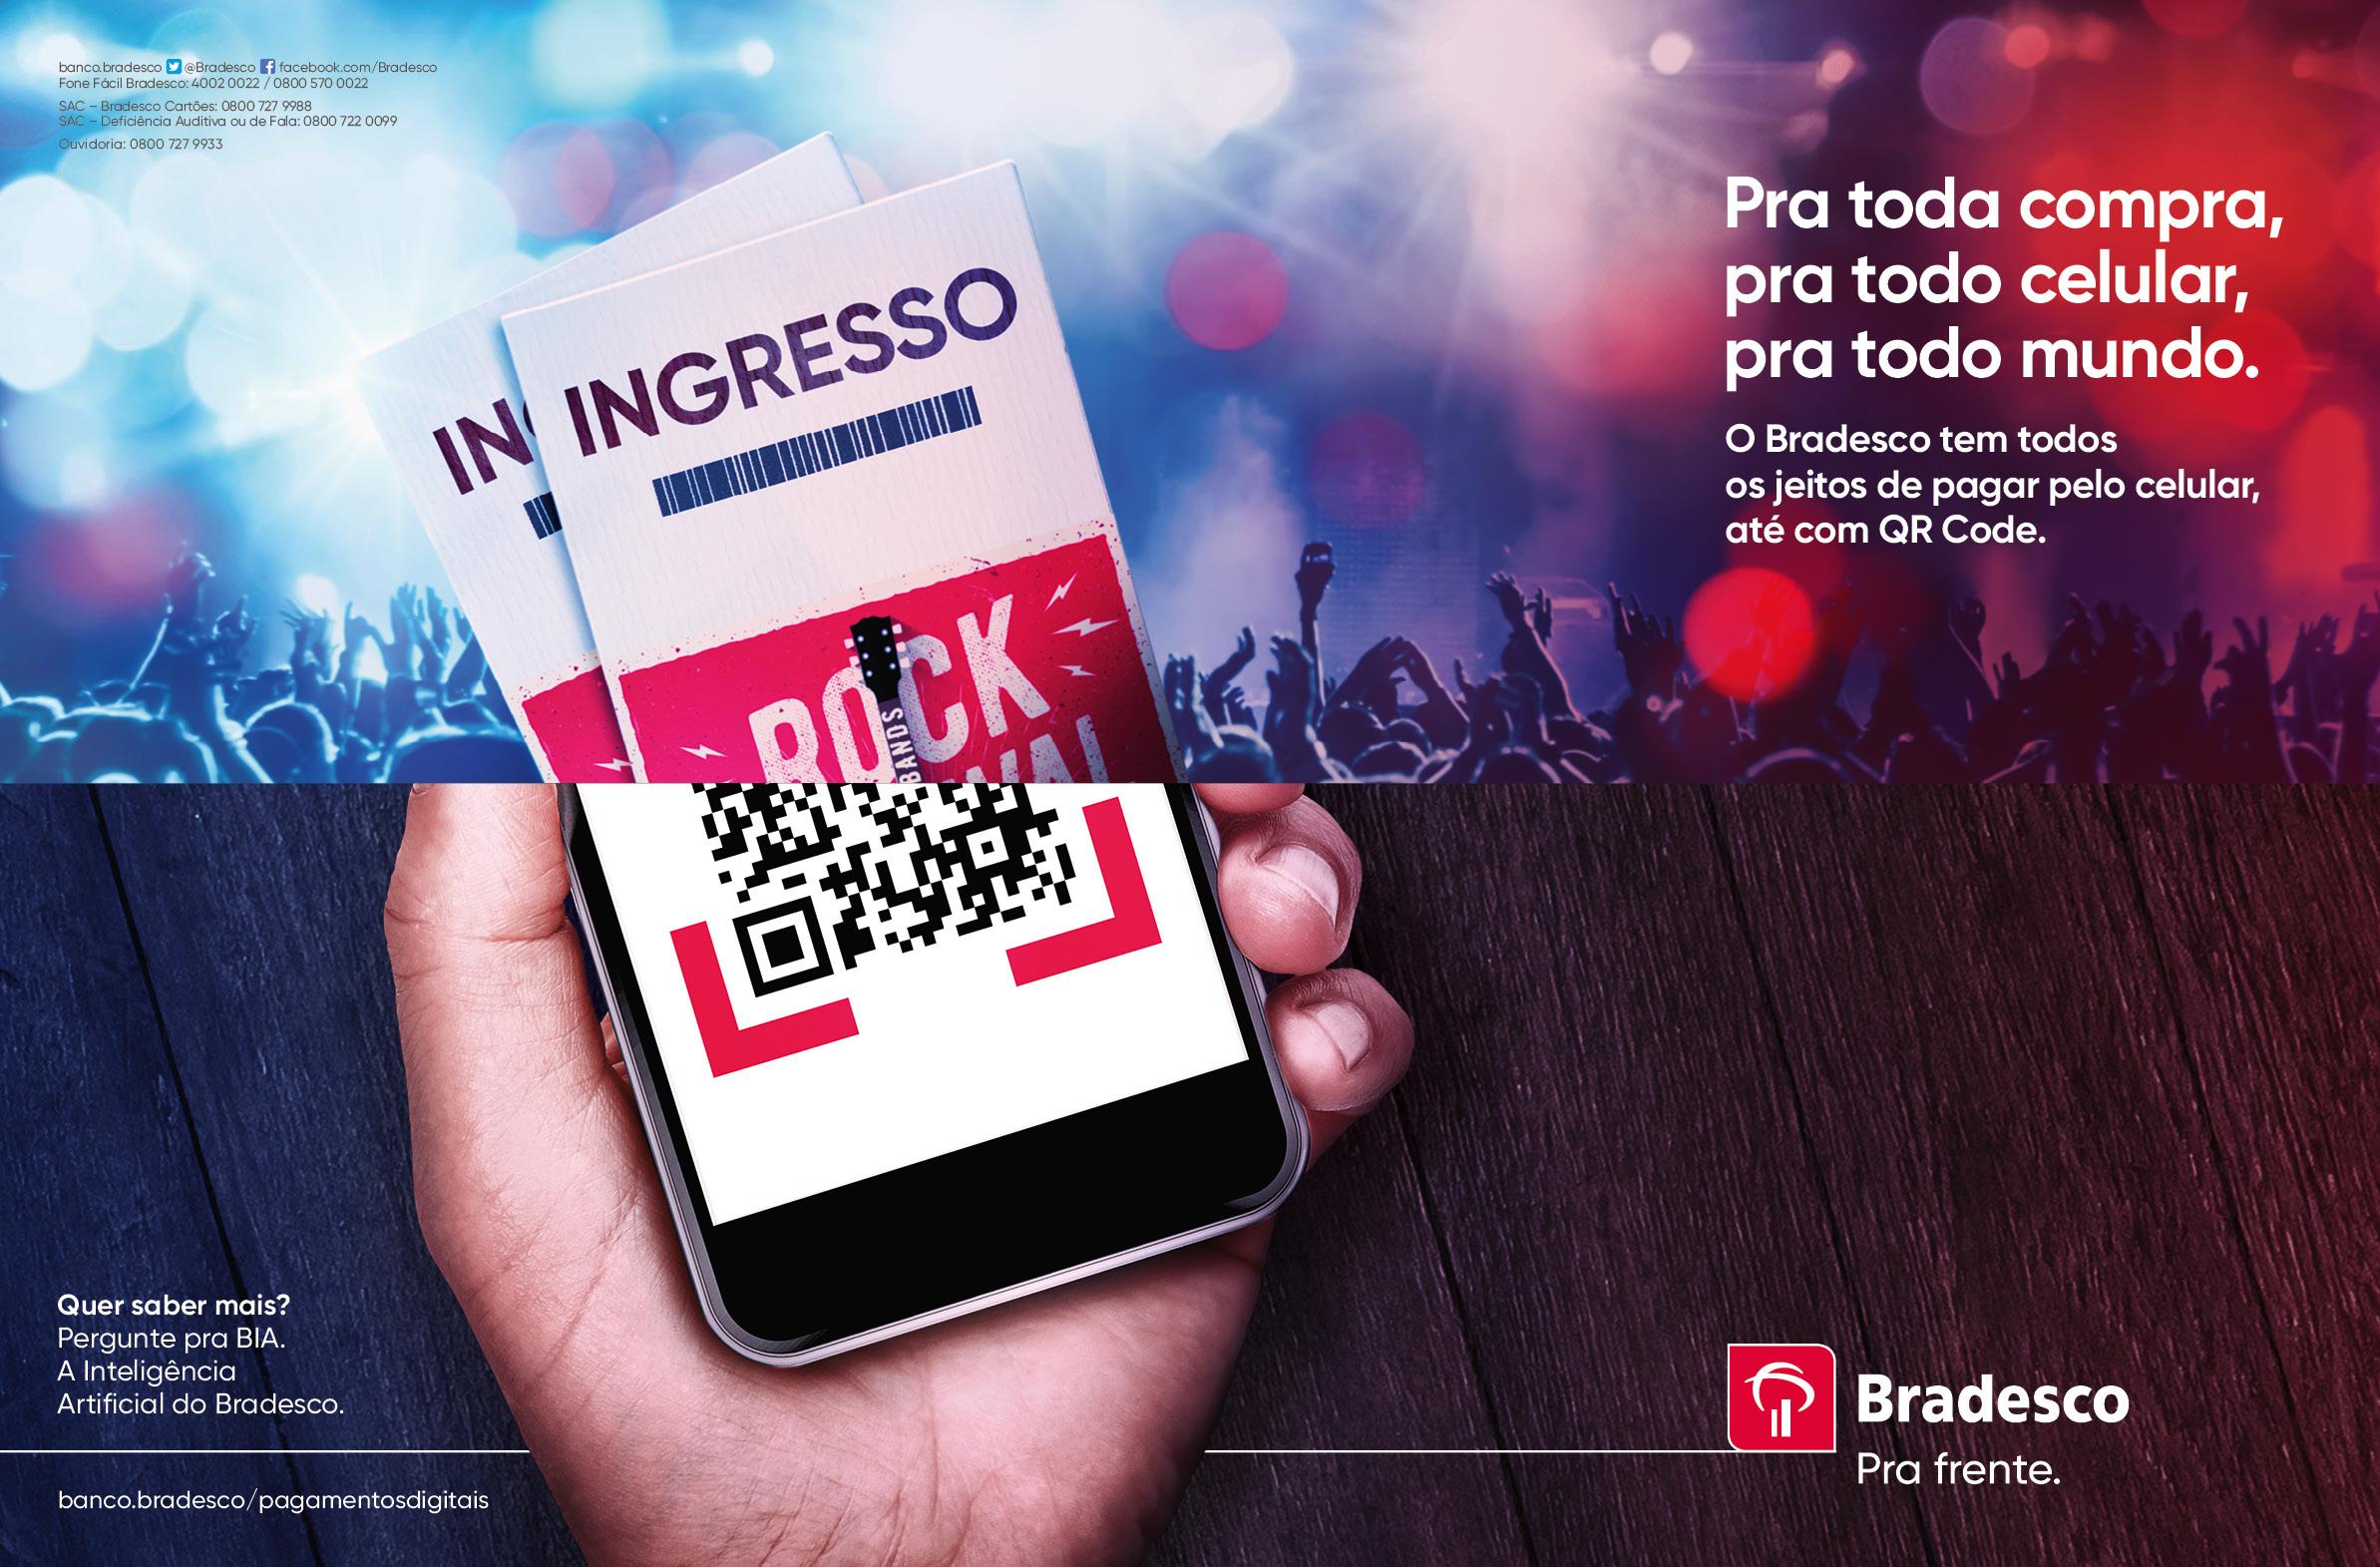 Bradesco-Pagamentos-Digitais-KV-Show.jpg